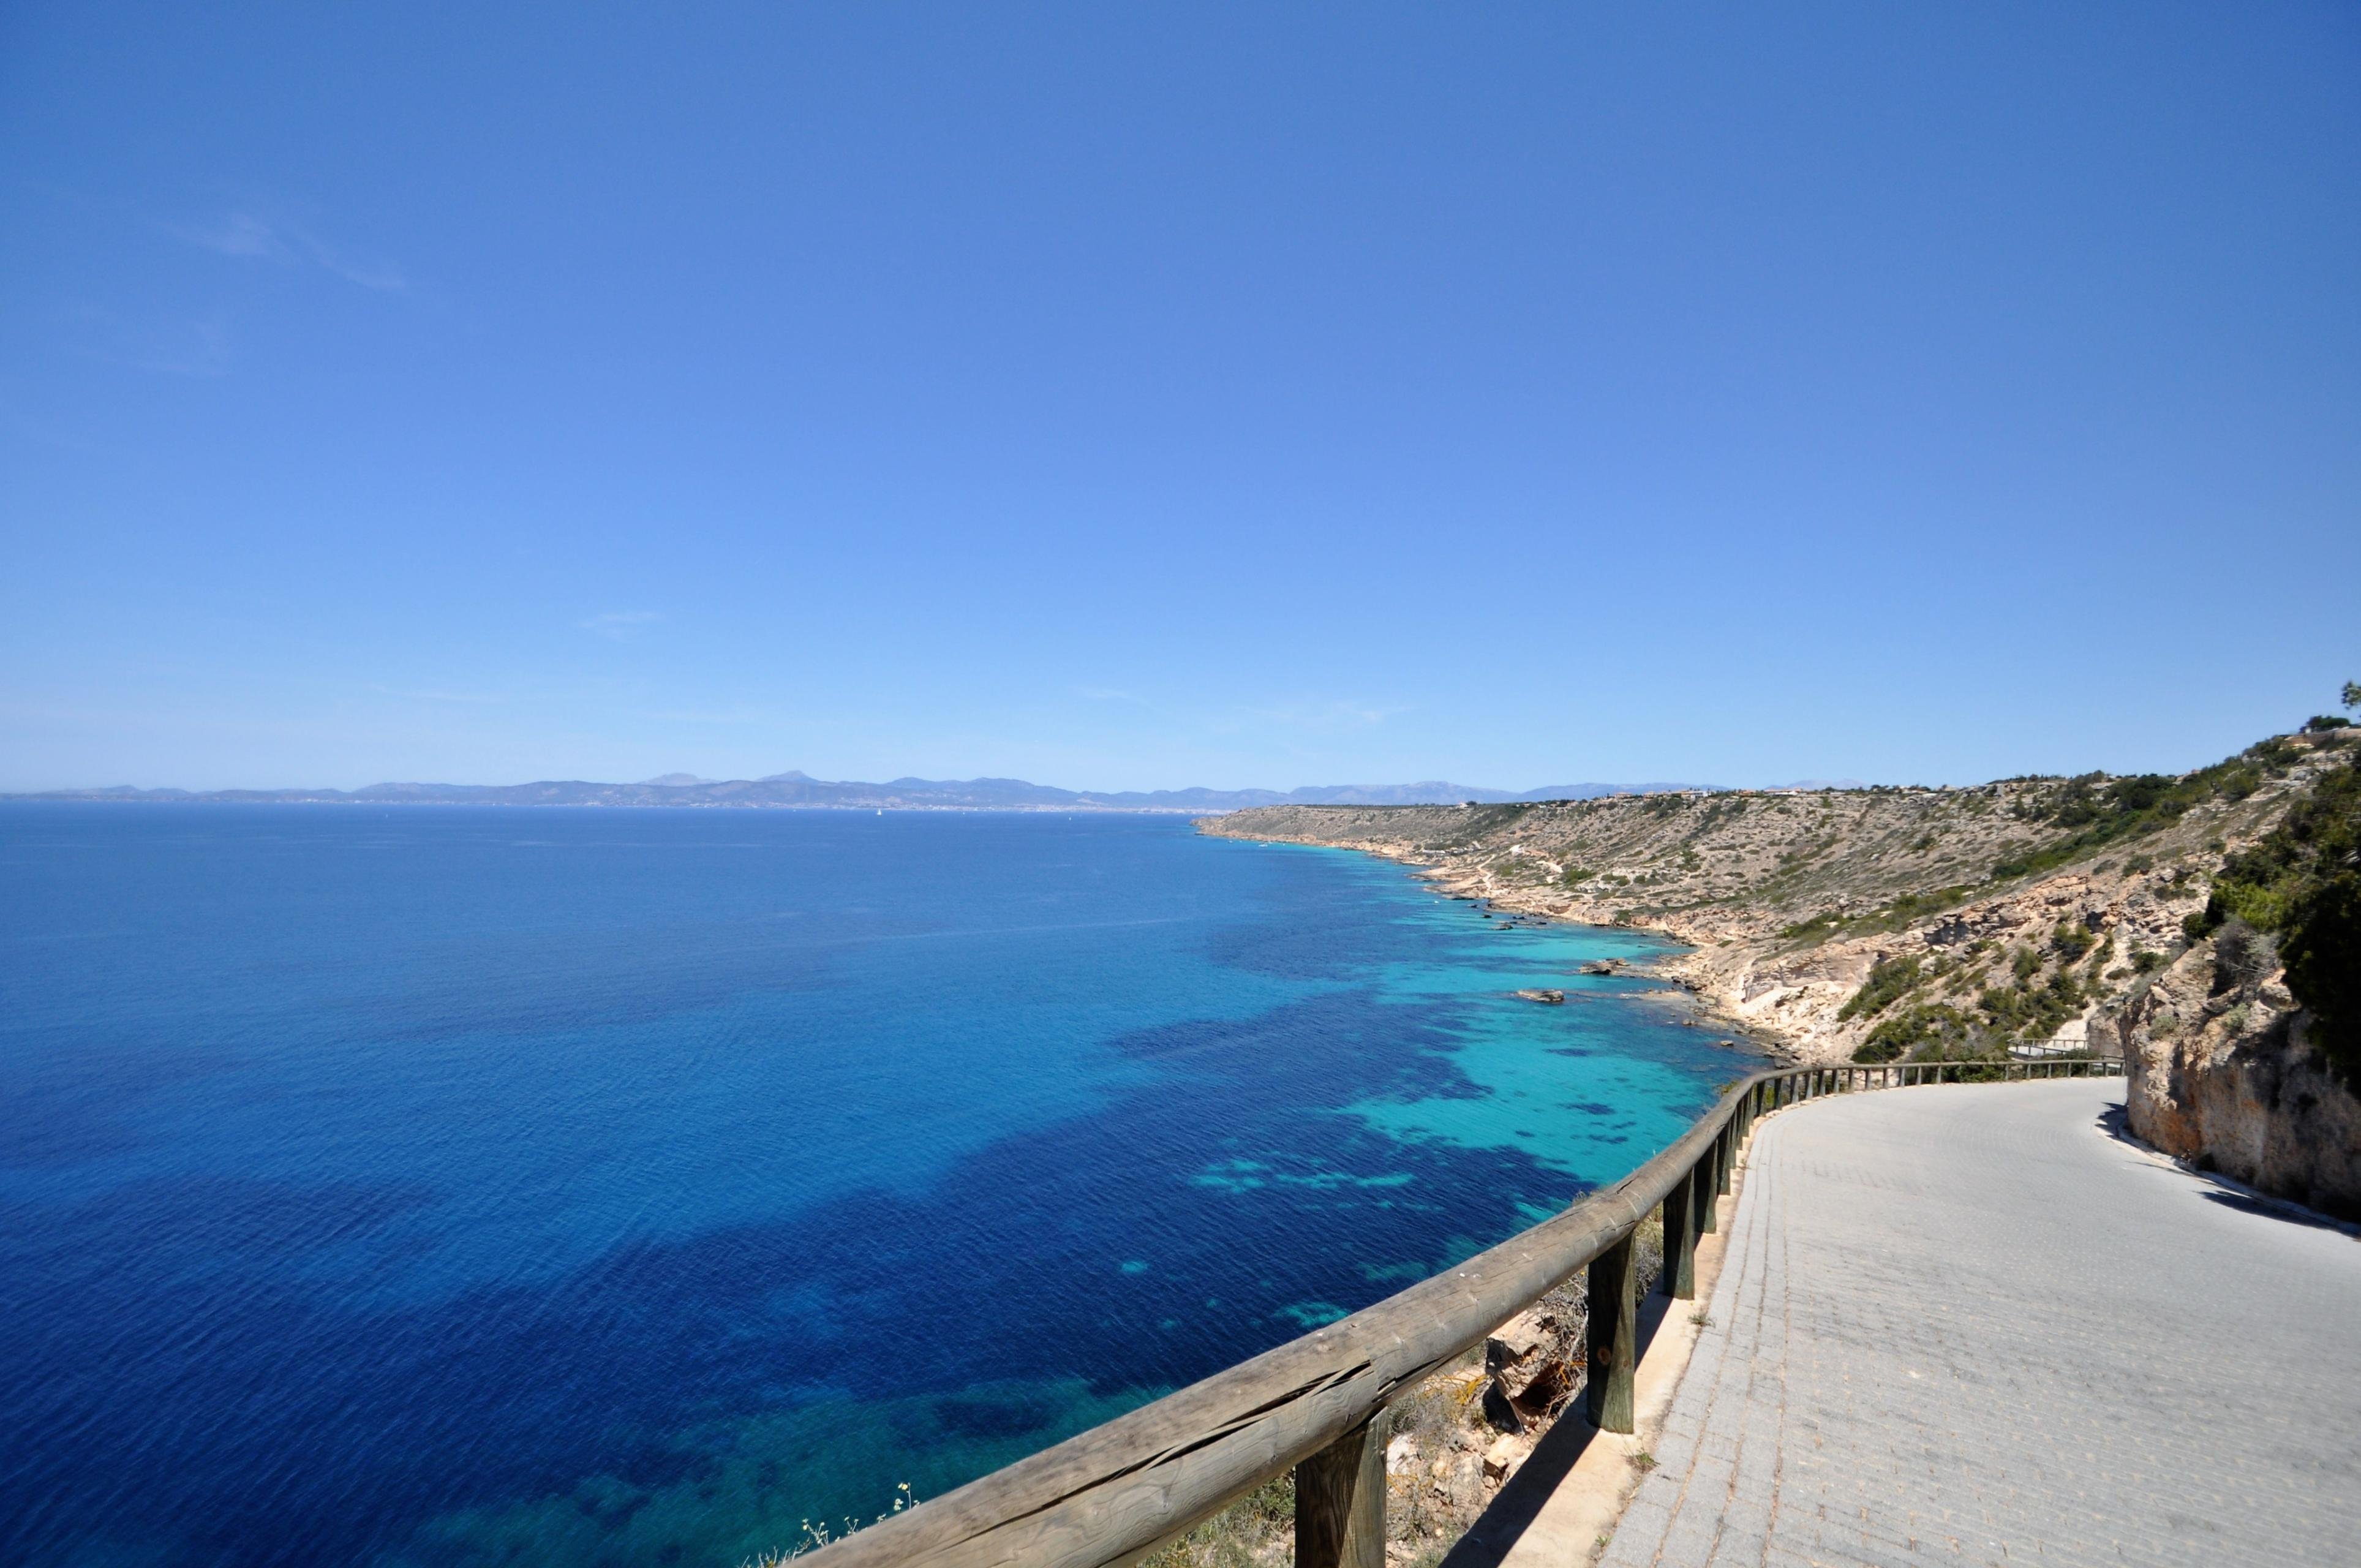 Maison de vacances VILLA BAY BLUE- Bahia Azul- Mallorca - VILLAONLINE - Kostenloses WLAN (2684052), Bahia Azul, Majorque, Iles Baléares, Espagne, image 58